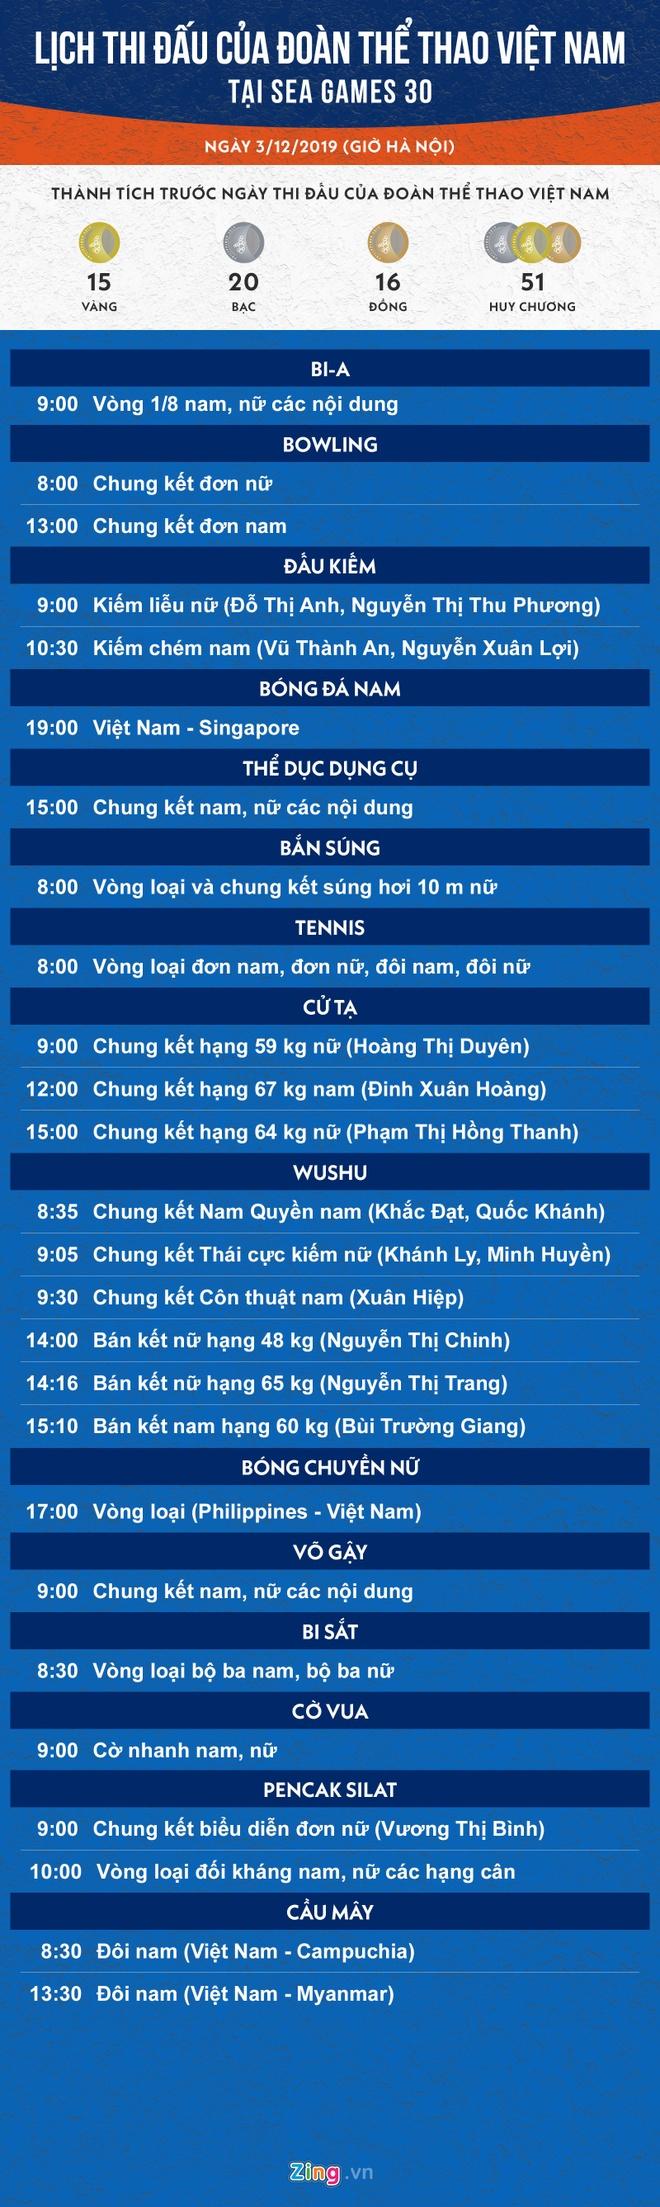 SEA Games 30: Quoc Khanh giai con khat vang cho wushu Viet Nam hinh anh 6